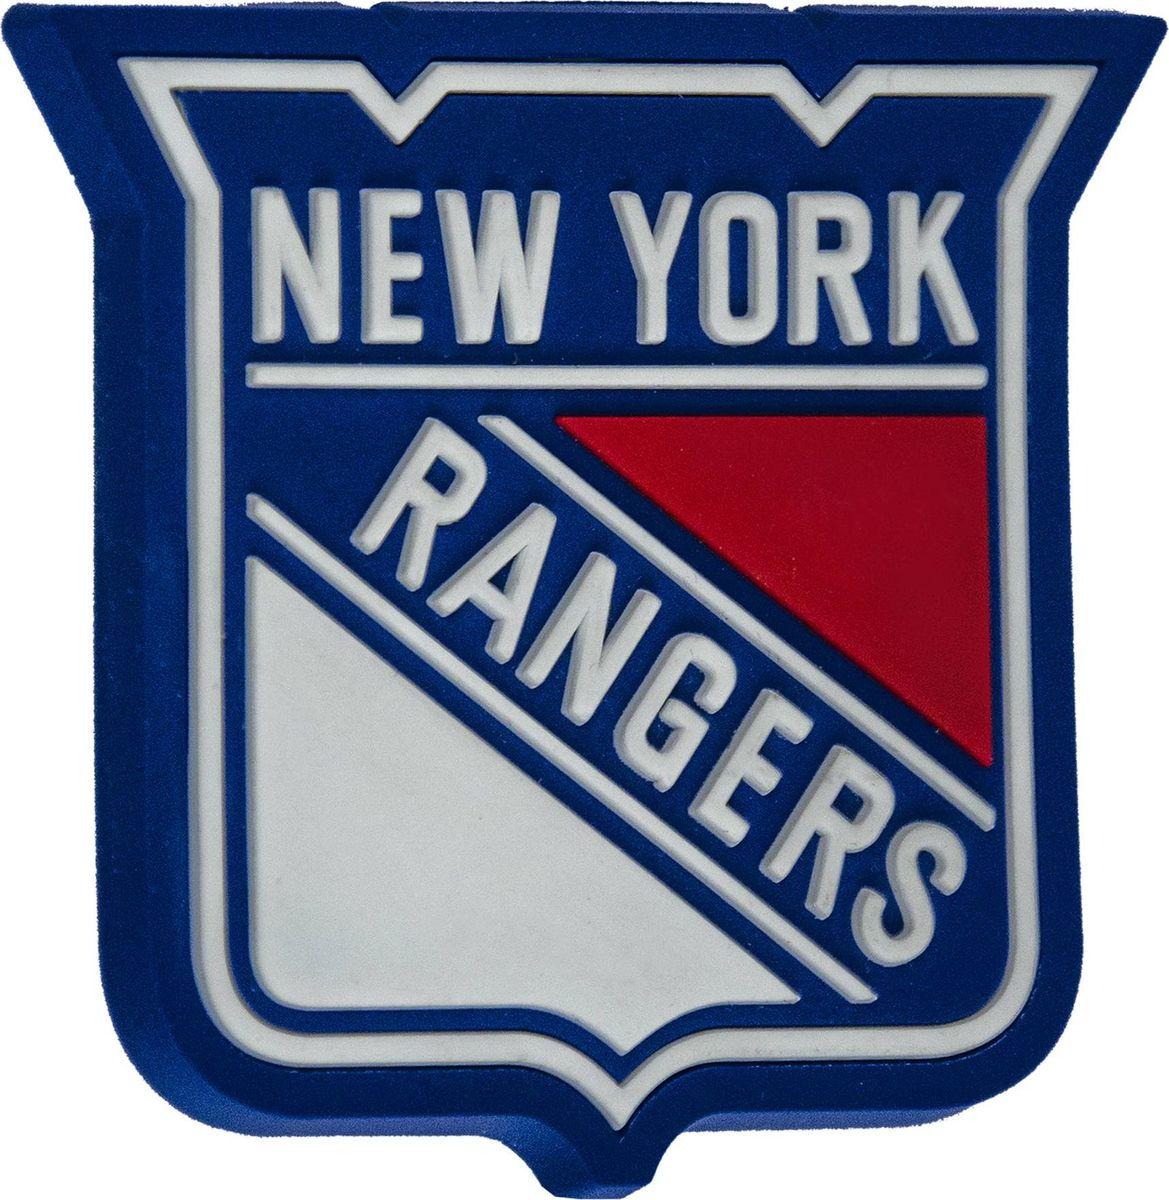 Магнит Atributika & Club New York Rangers, цвет: синий, красный. 5600556005Магнит Atributika & Club выполнен из полимерного материала в виде символики вашего любимого клуба.Длина: 8 см.